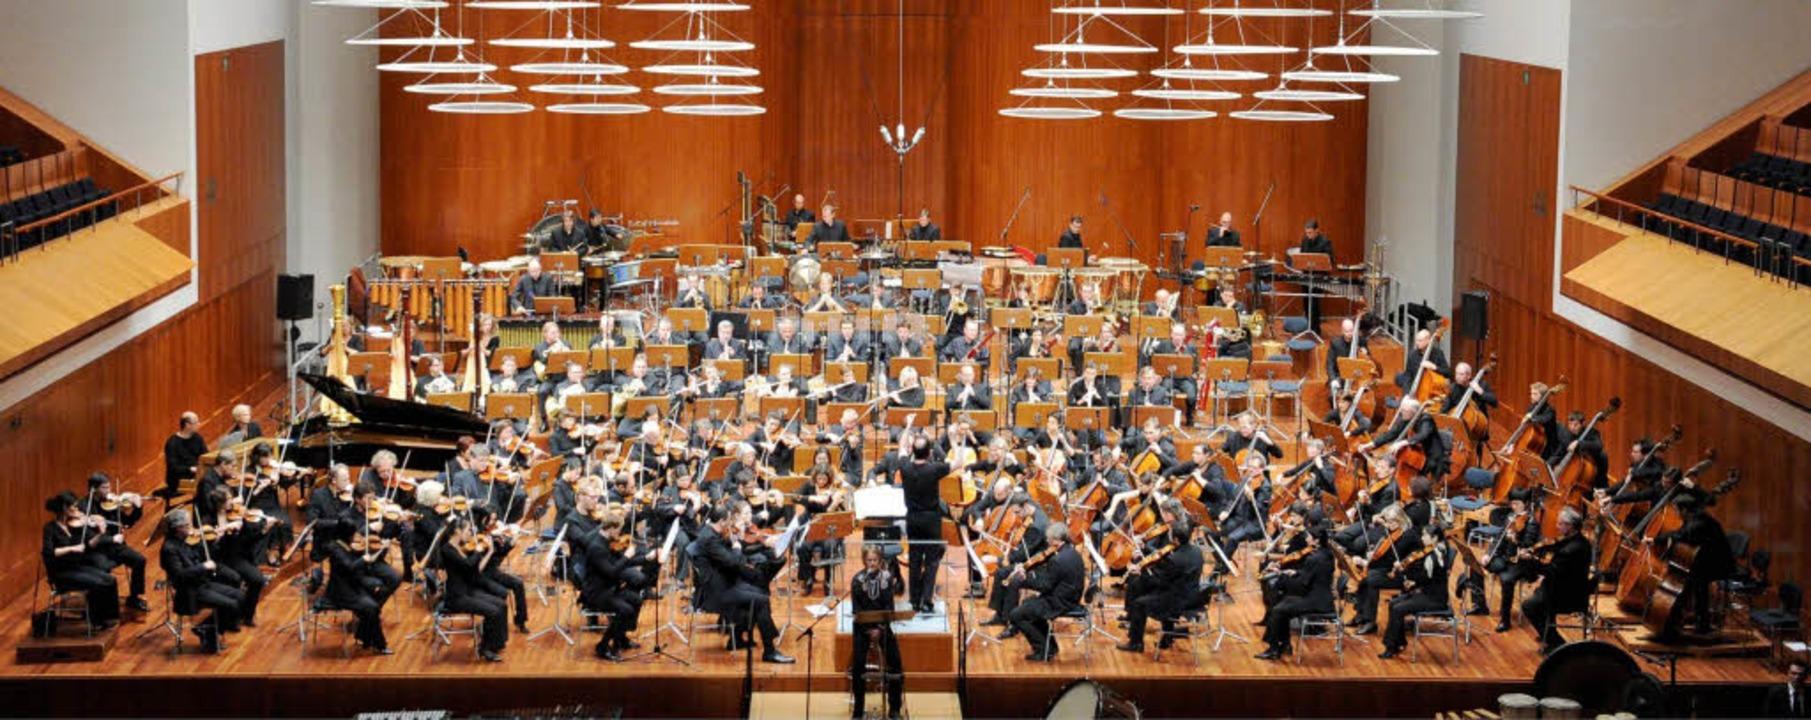 Sinfonieorchester des SWR.    Foto: dpa